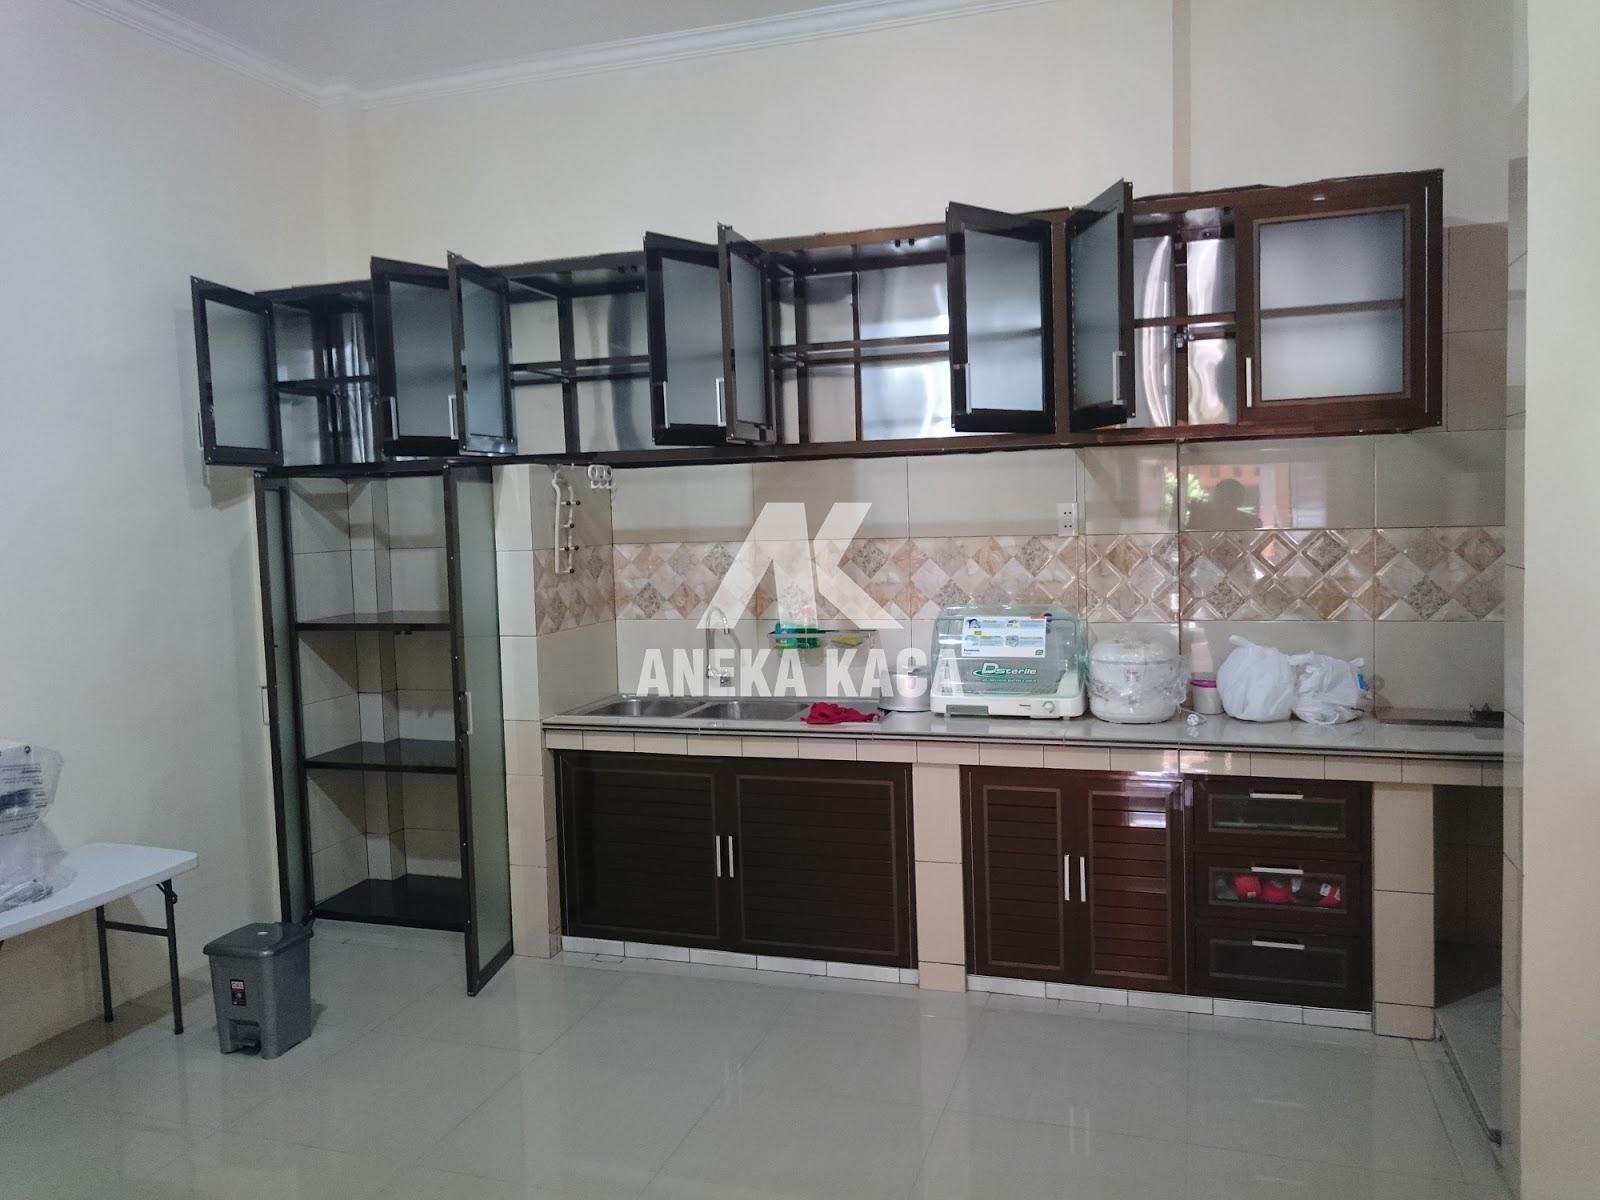 Toko aneka kaca kitchen set aluminium lemari piring for Jual kitchen set aluminium